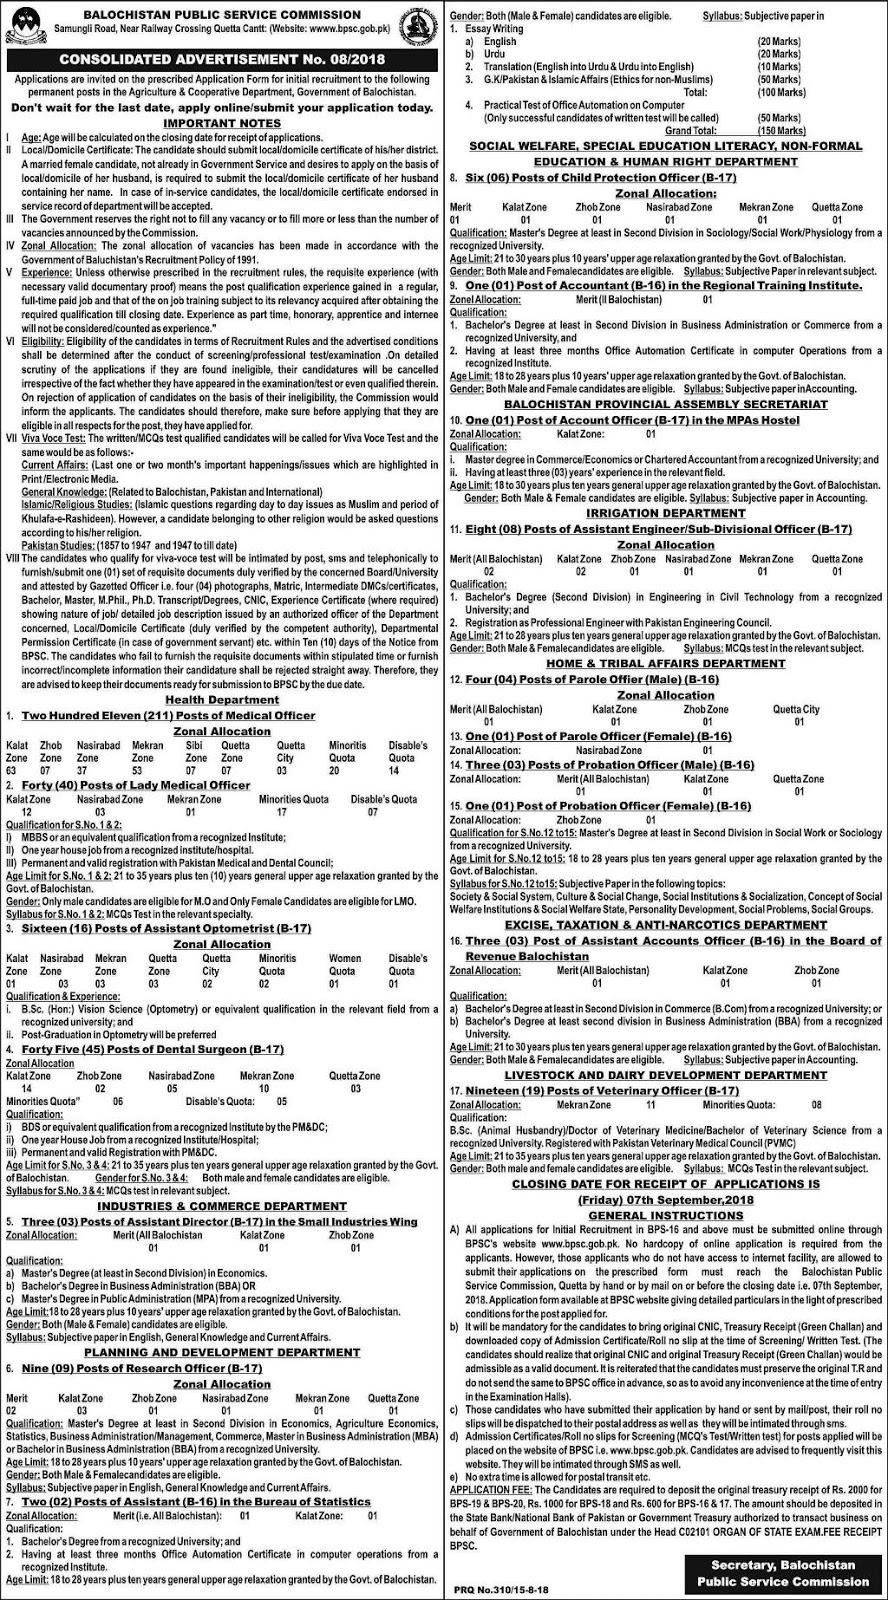 BPSC Jobs August 2018 Balochistan Public Service Commission